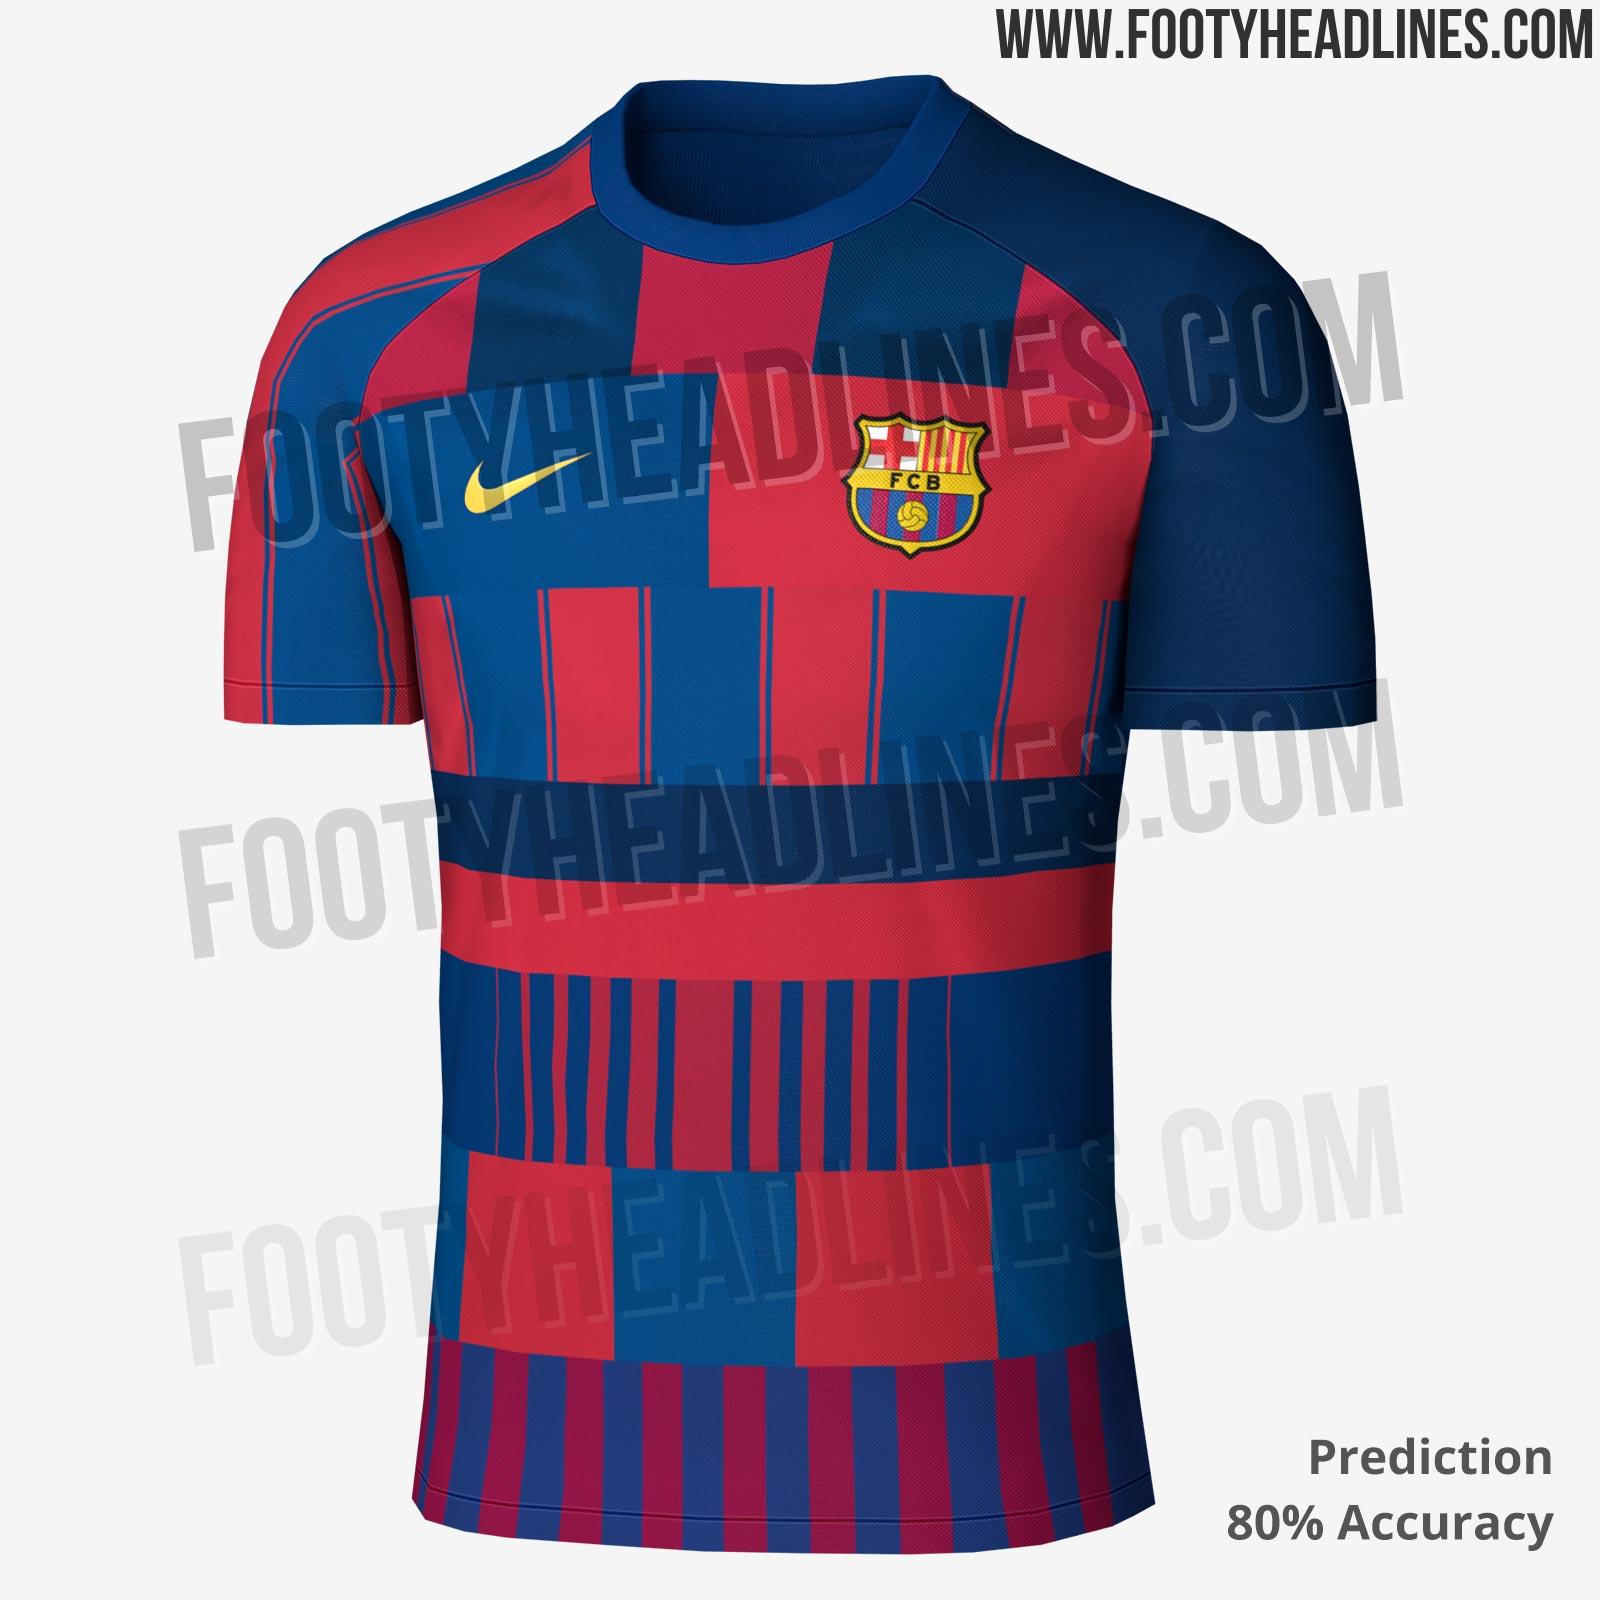 7b3e222d035b8 La predicción de la camiseta del Barcelona